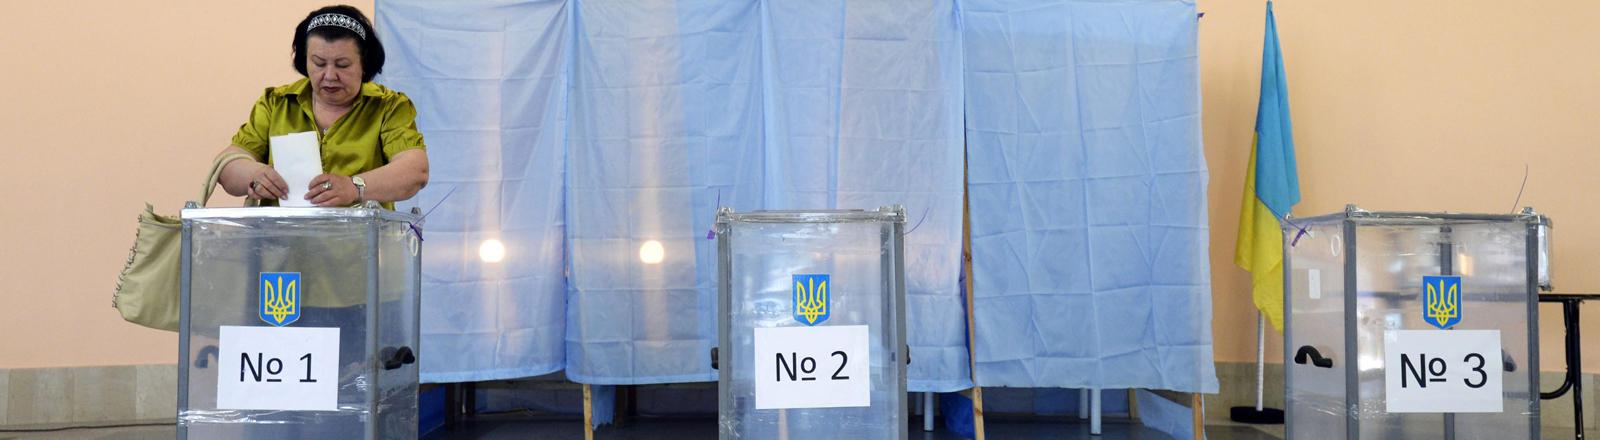 Eine Frau in der Ostukraine geht wählen